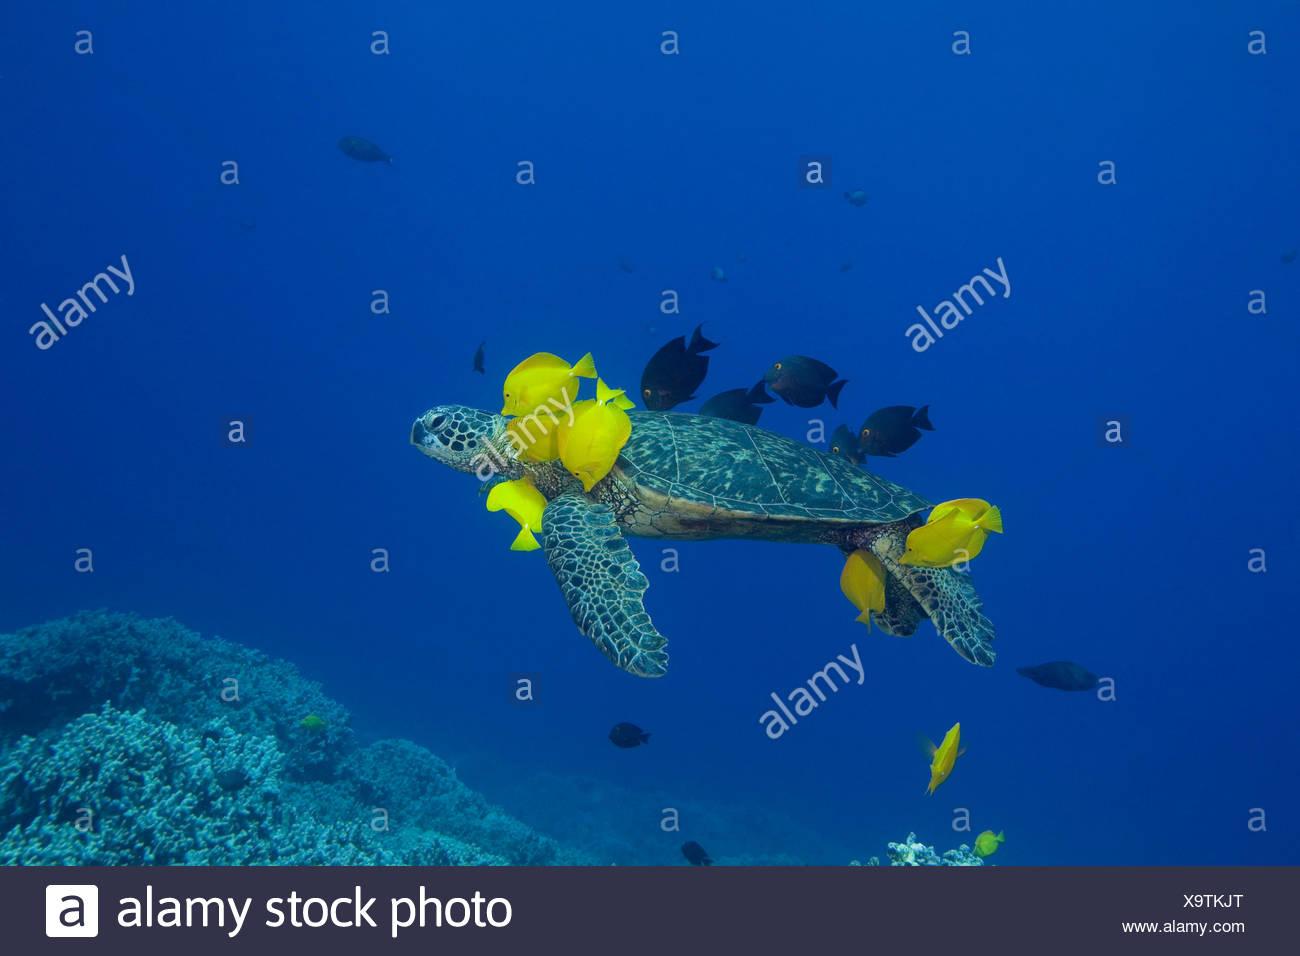 Tortuga Verde (Chelonia mydas) siendo limpiados por especies de peces herbívoros limpiador amarillo lengüetas (Zebrasoma flavescens) y el anillo de oro (Pez Cirujano Ctenochaetus strigosus) que pastan las algas en Turtle's shell, en la estación de limpieza, en Kona, Hawaii. Imagen De Stock